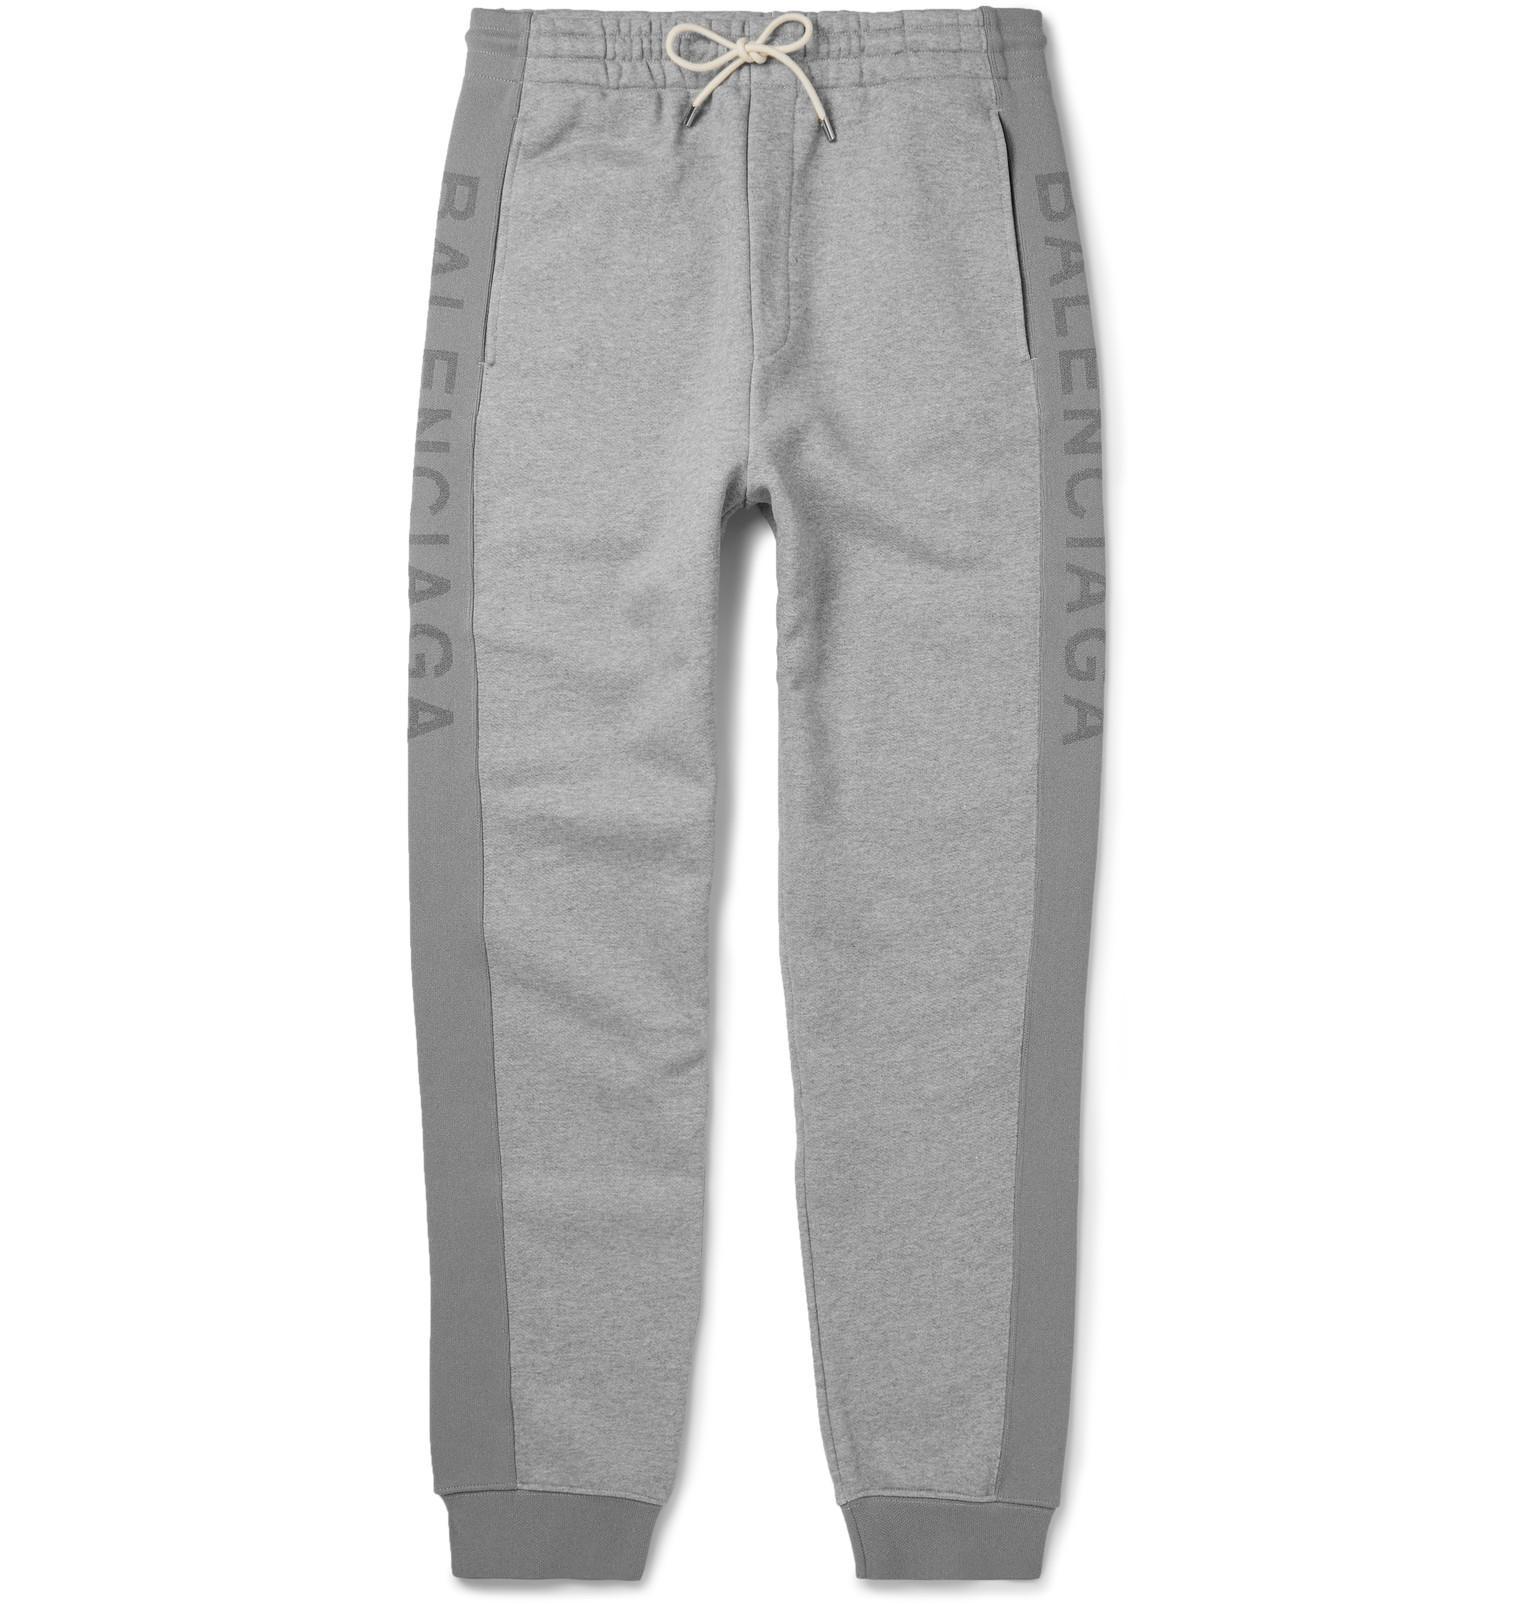 e2b7f1e060 Balenciaga Slim-fit Tapered Fleece-back Cotton-jersey Sweatpants in ...